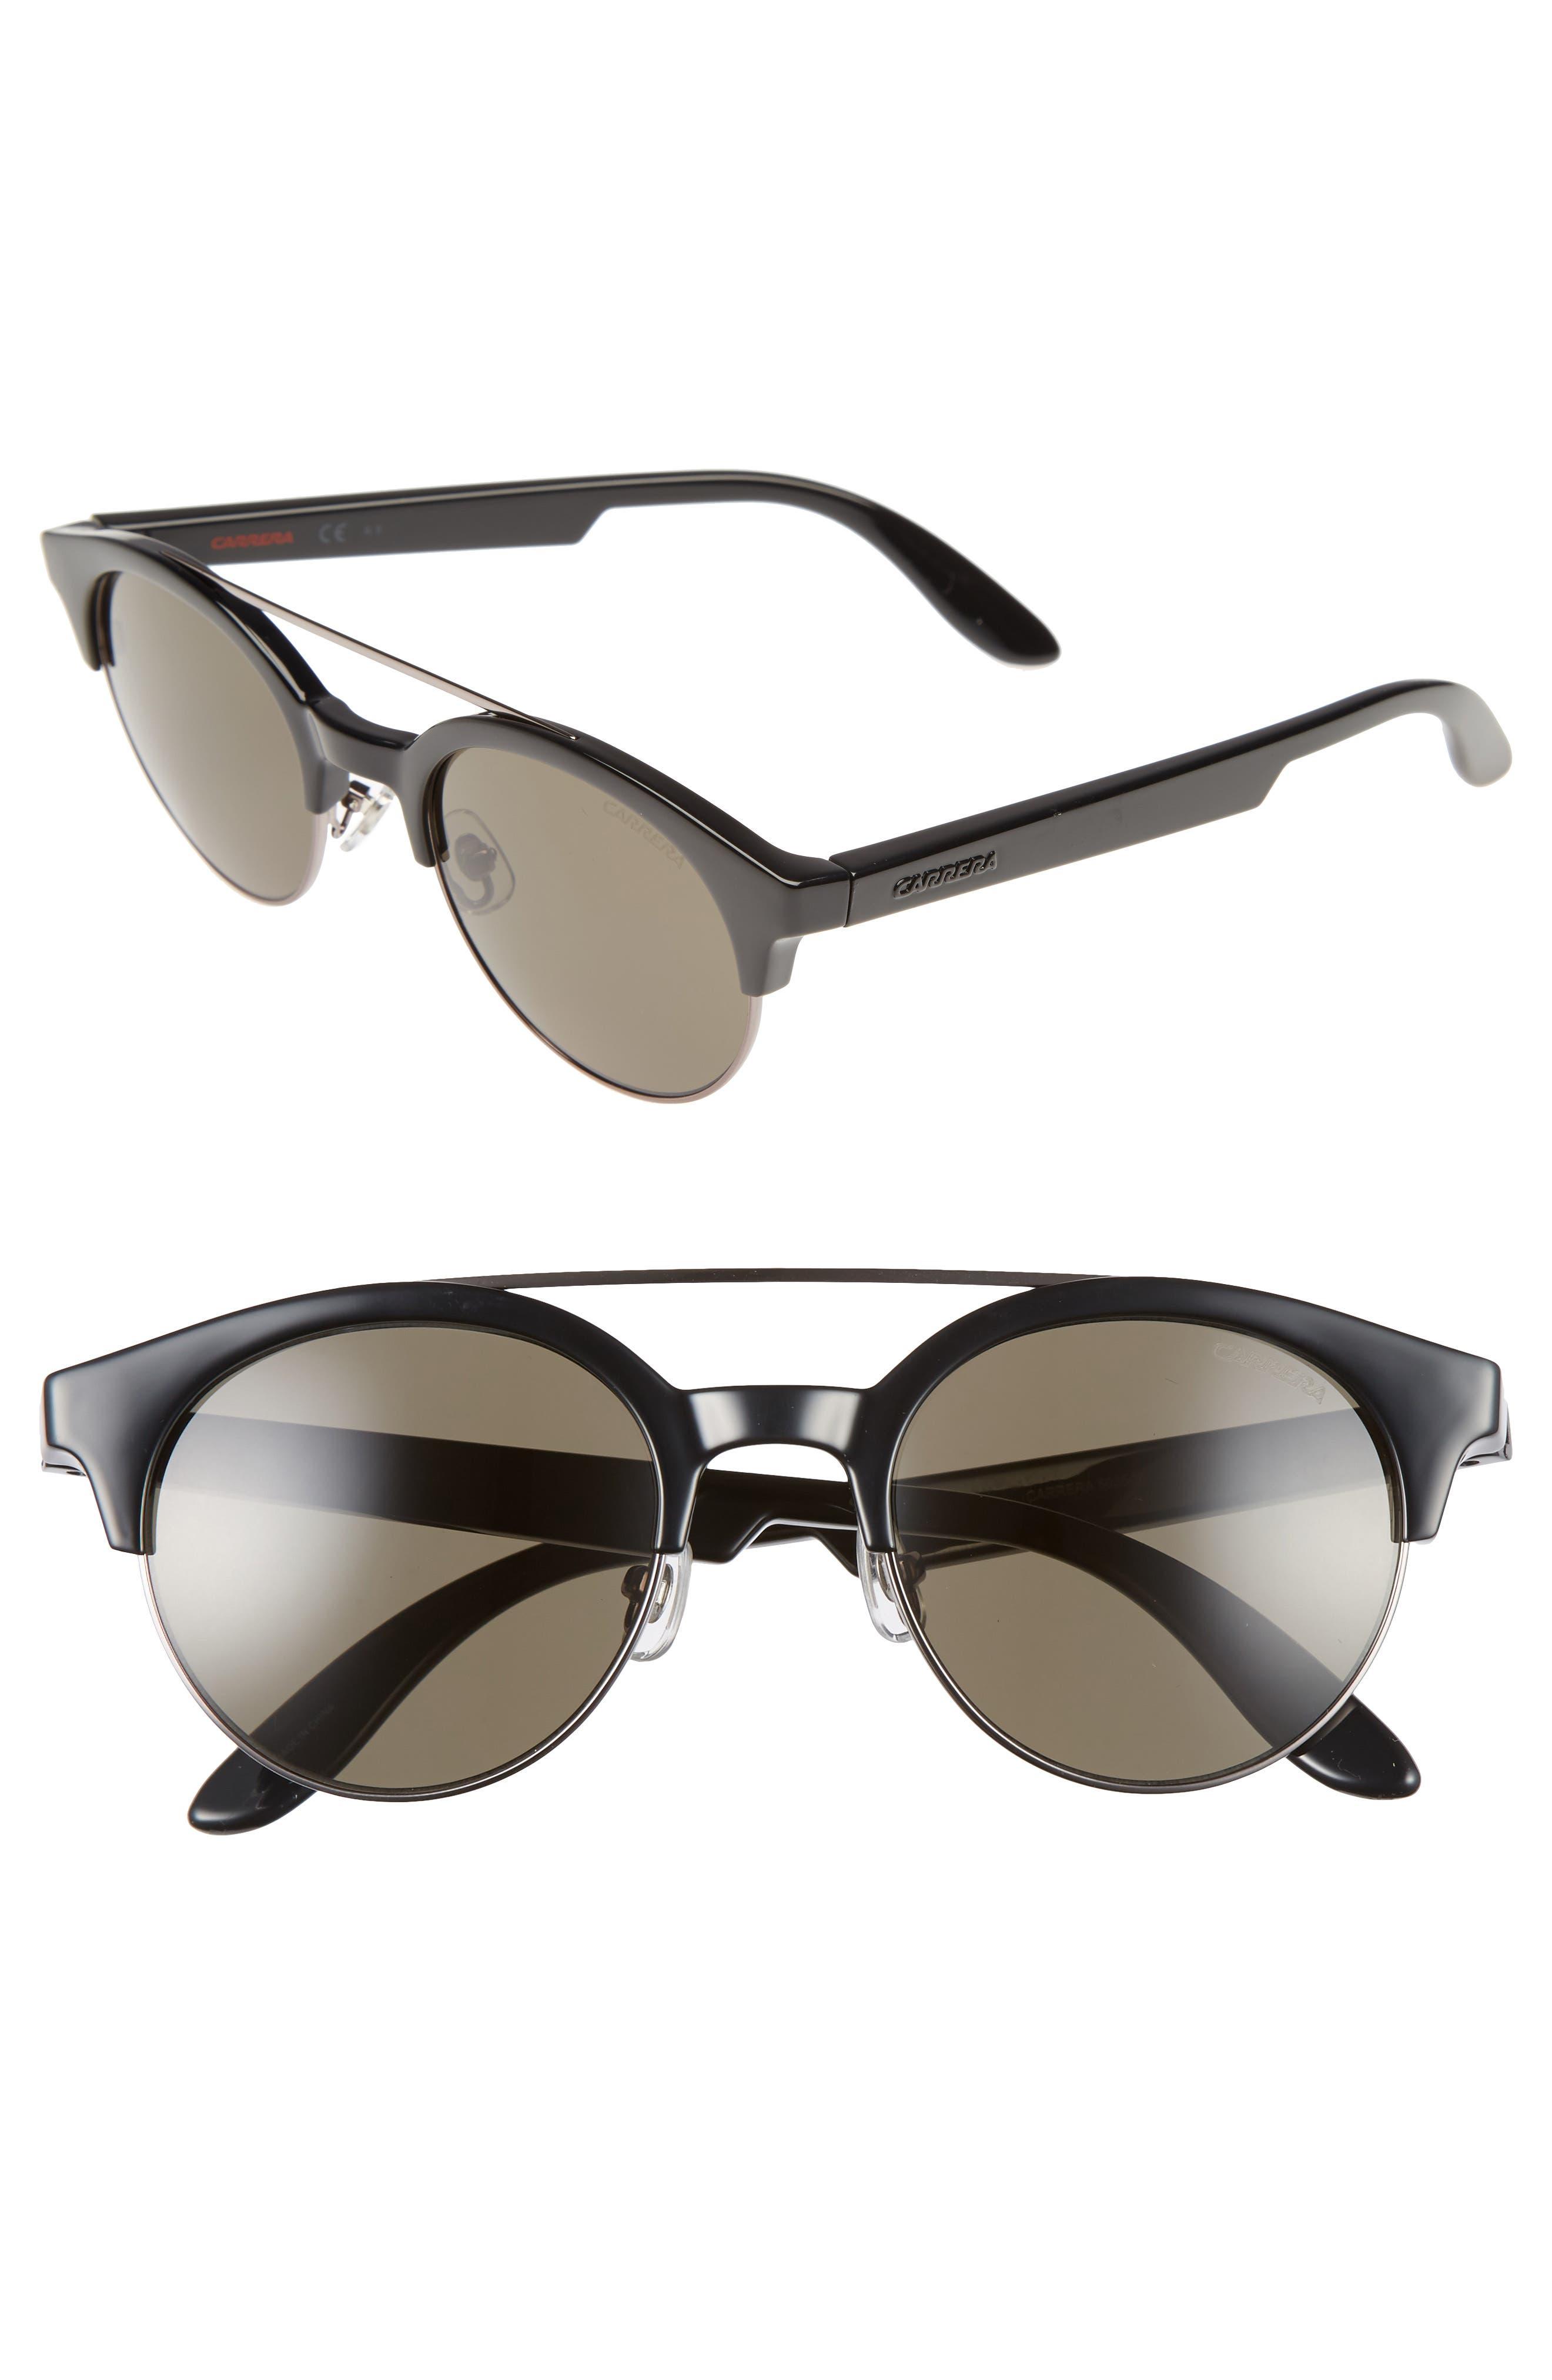 CARRERA EYEWEAR,                             Retro 50mm Sunglasses,                             Main thumbnail 1, color,                             001